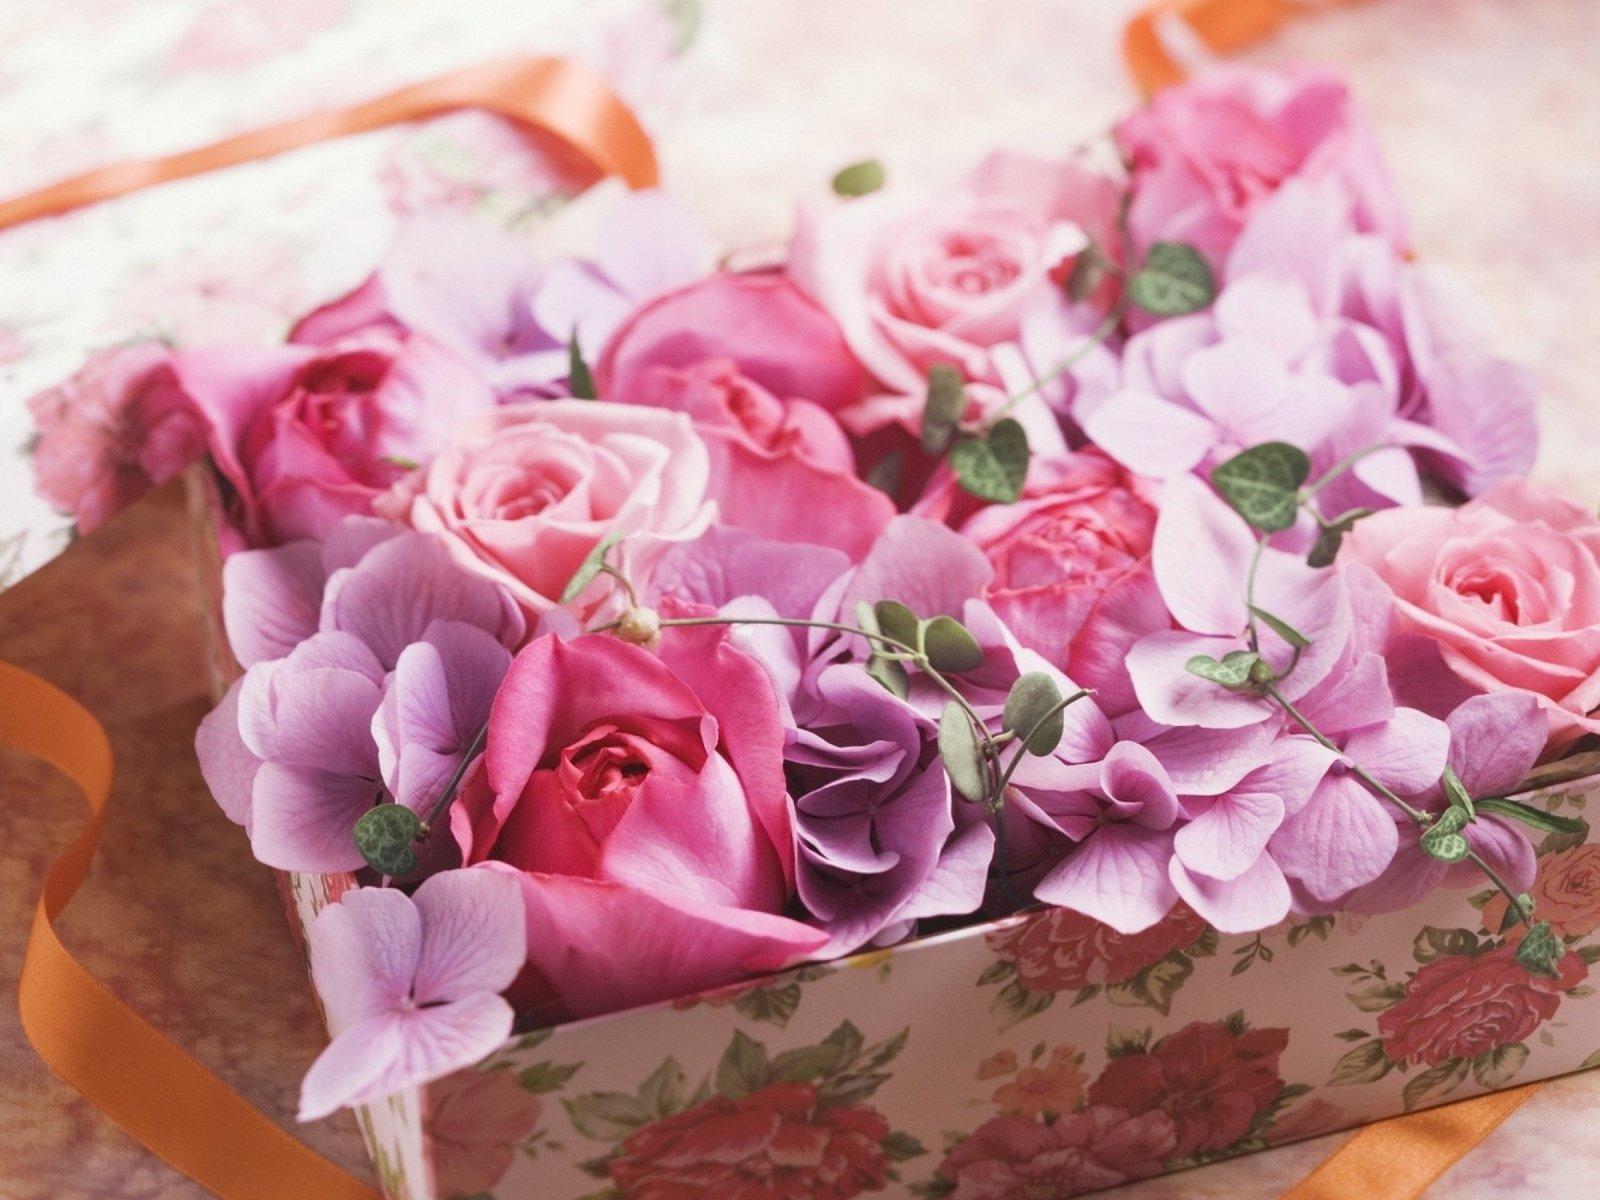 Картинка подарок девушке цветы, смешные прикольные